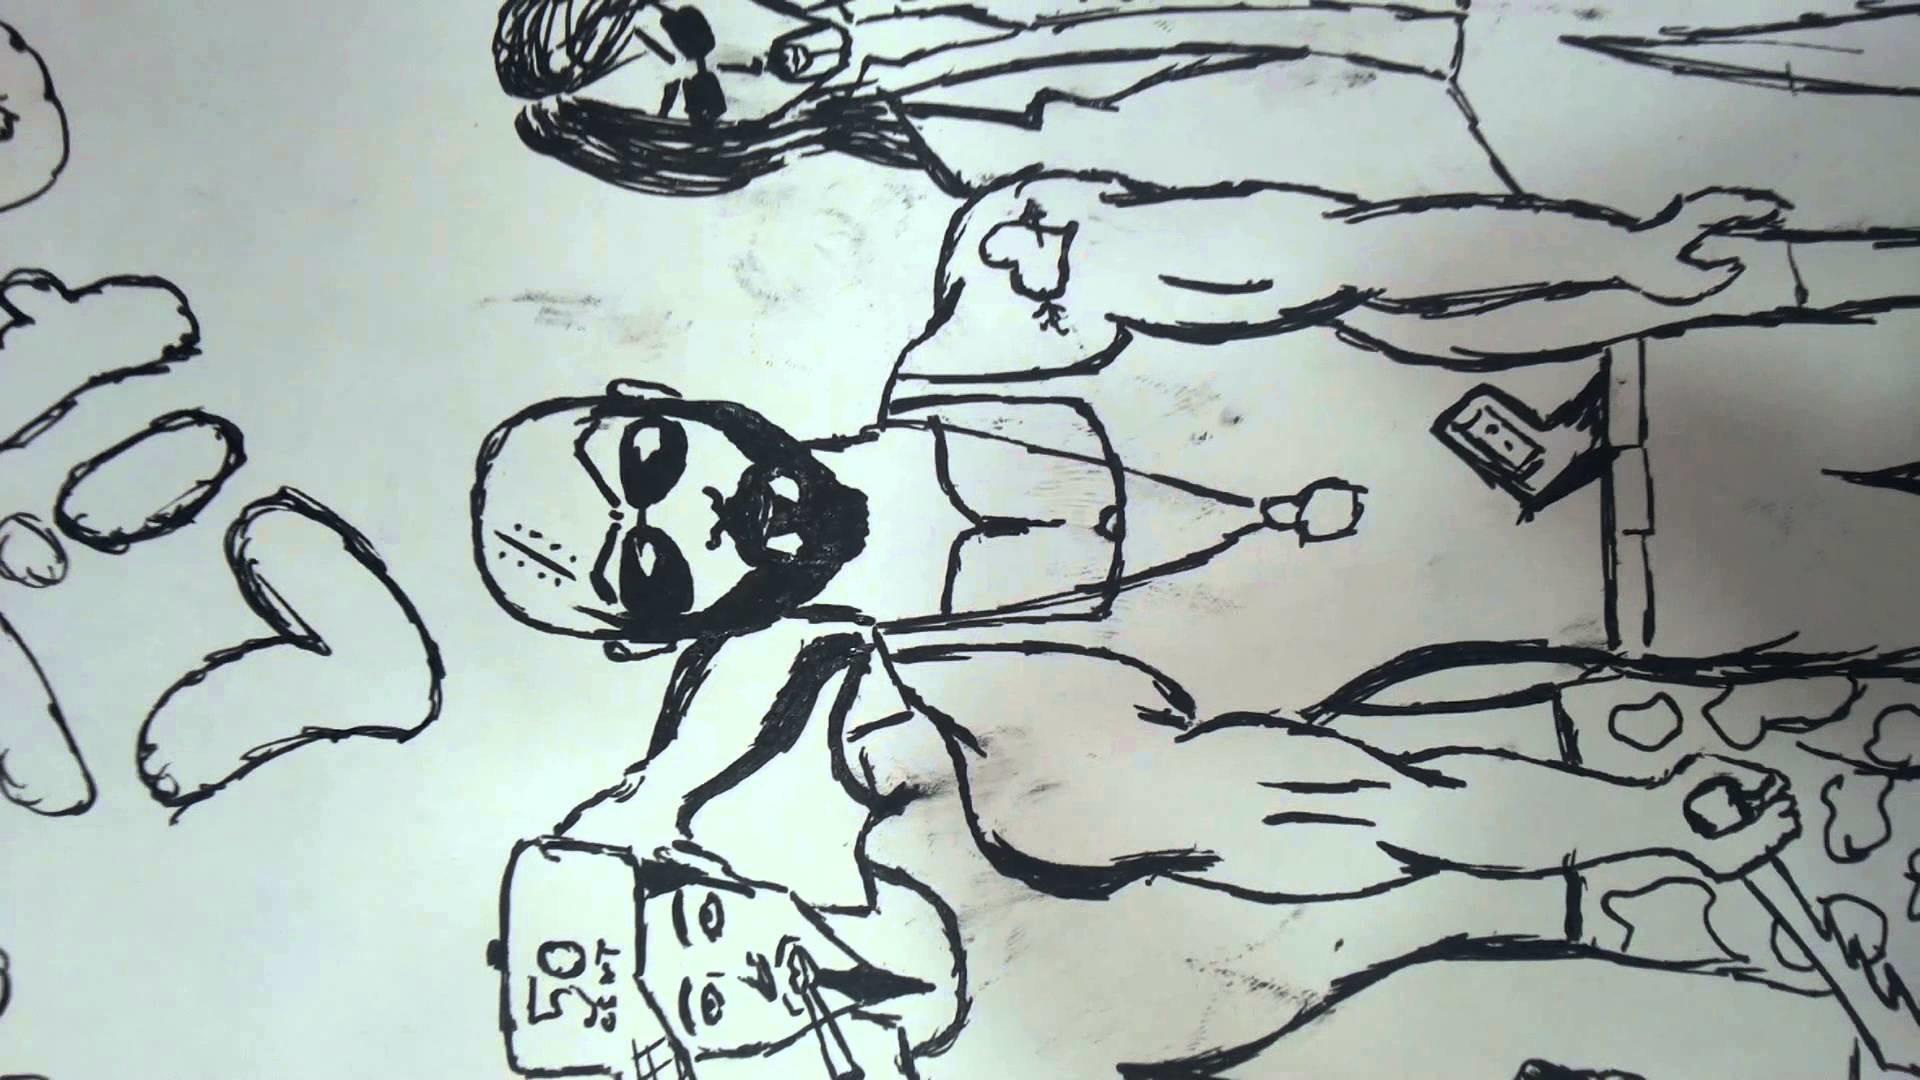 Thug life drawing